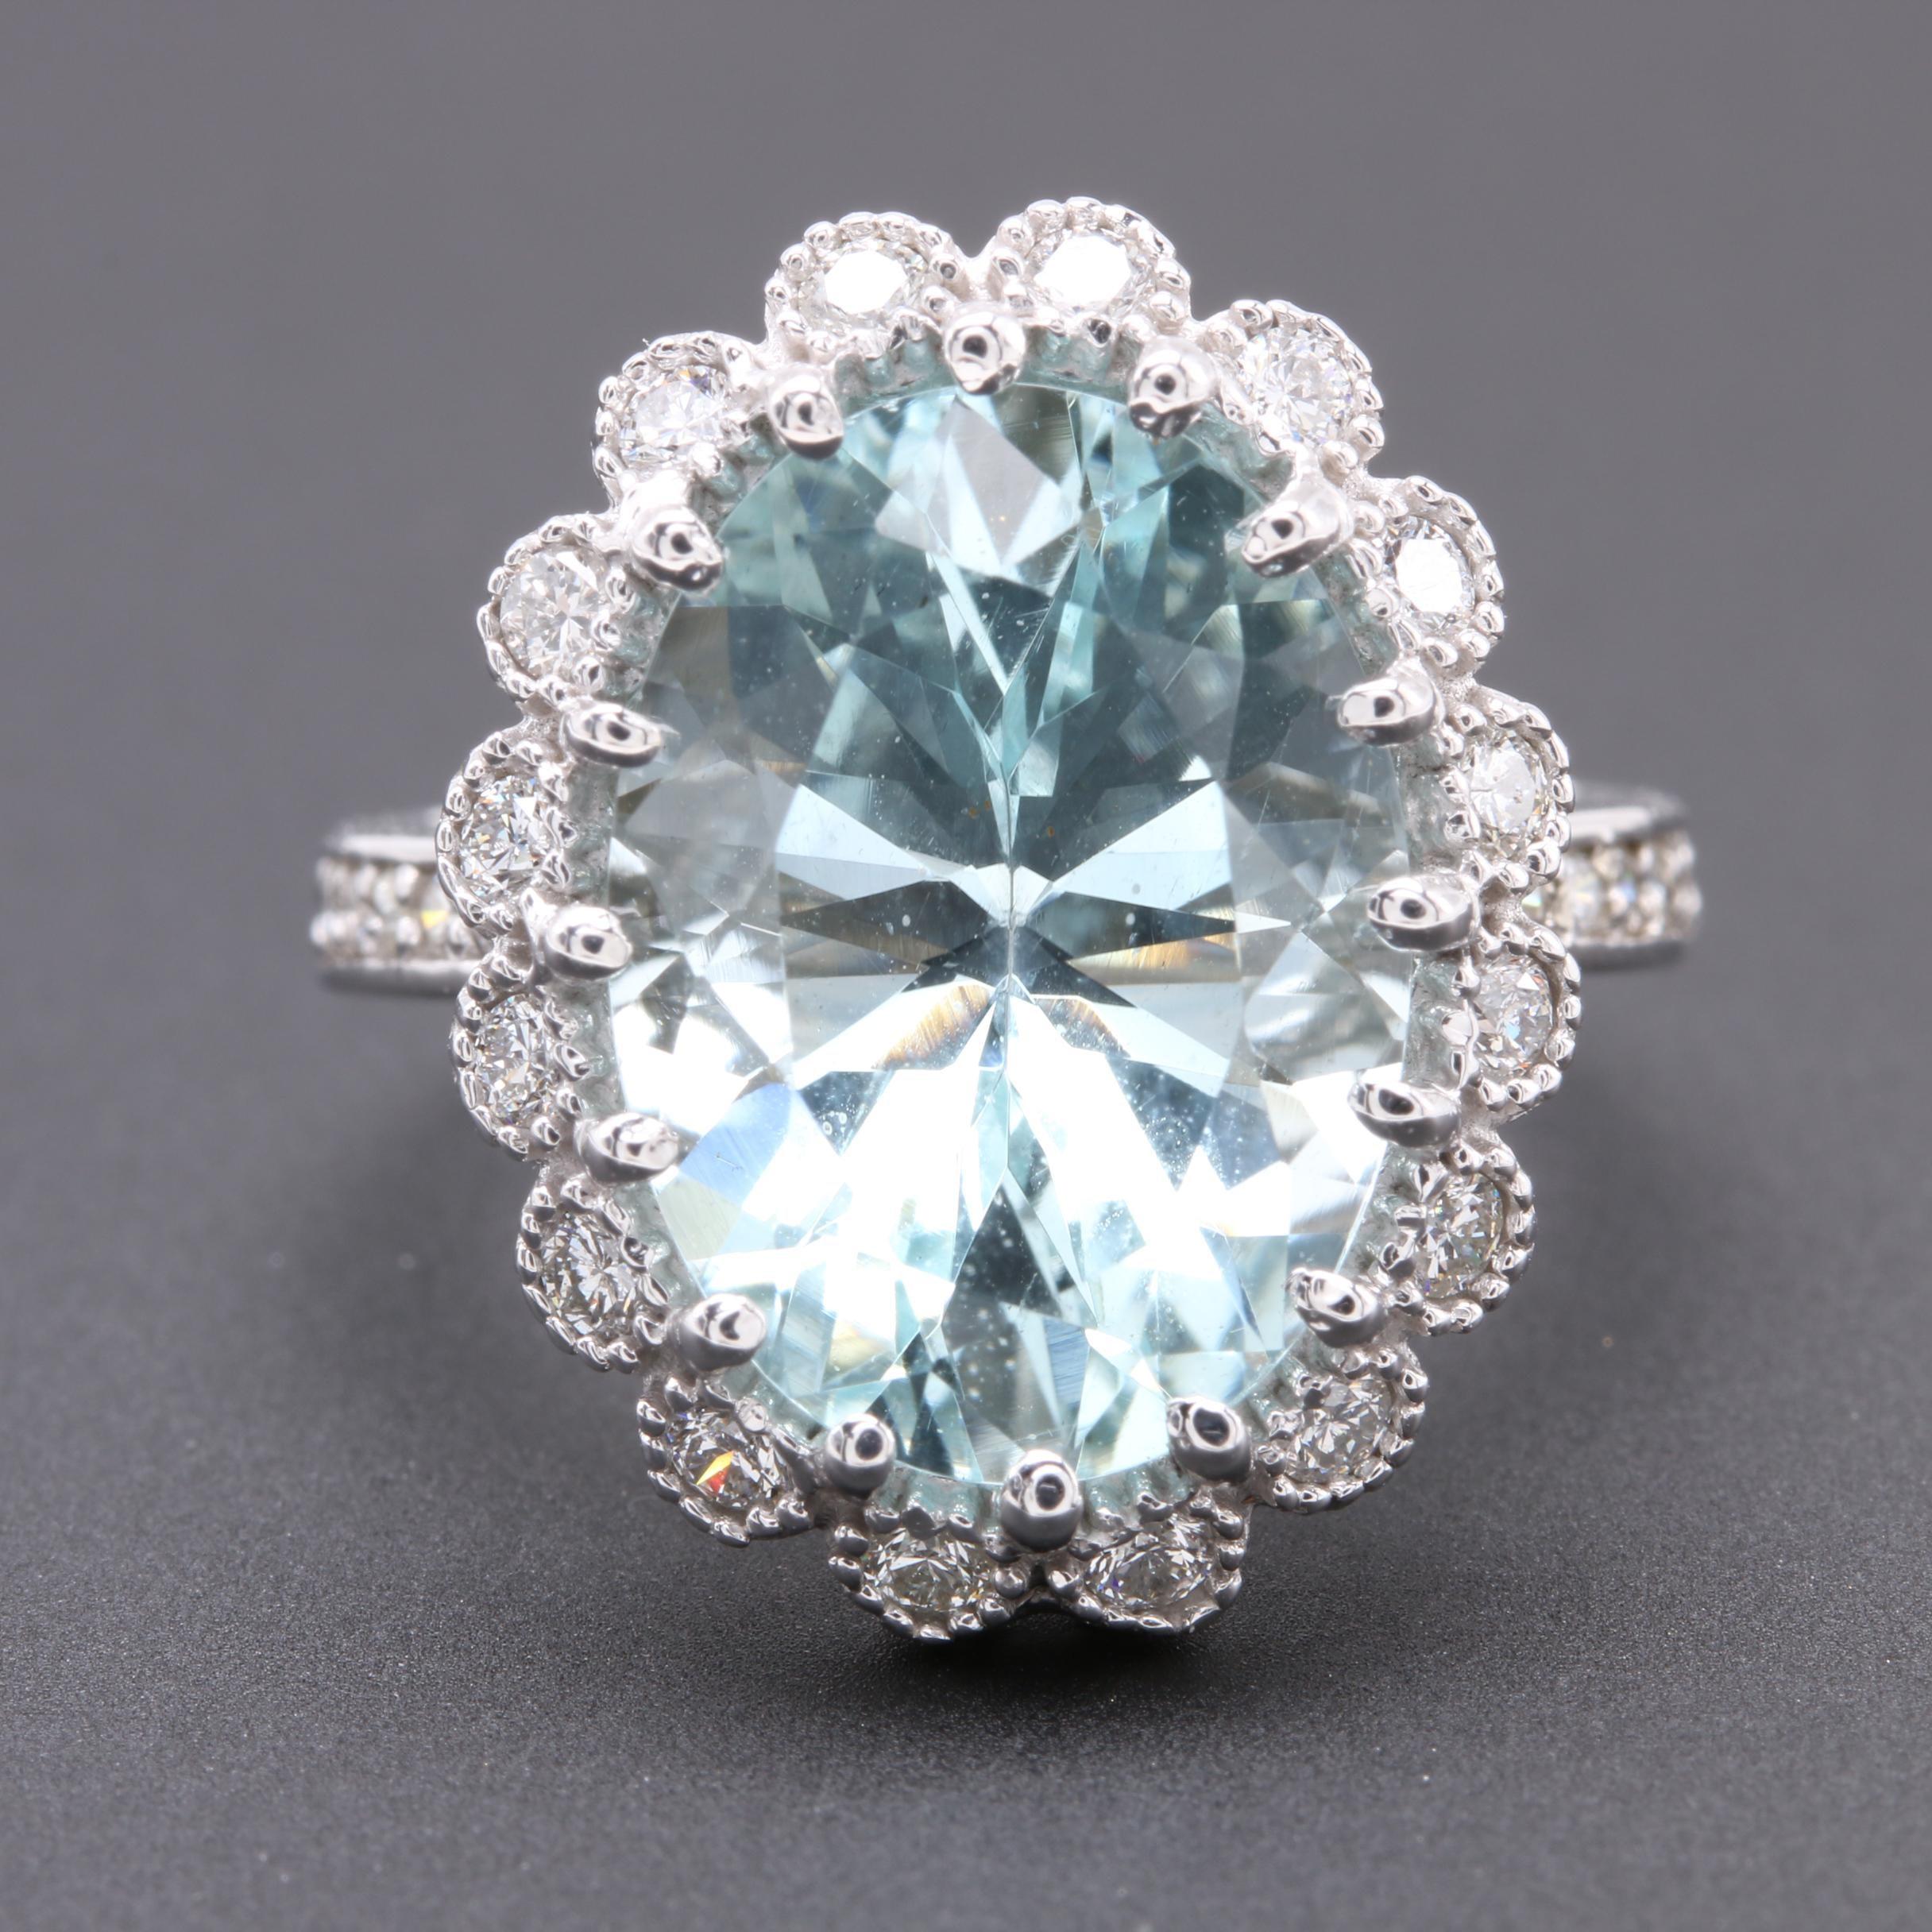 14K White Gold 6.51 CT Aquamarine and Diamond Ring